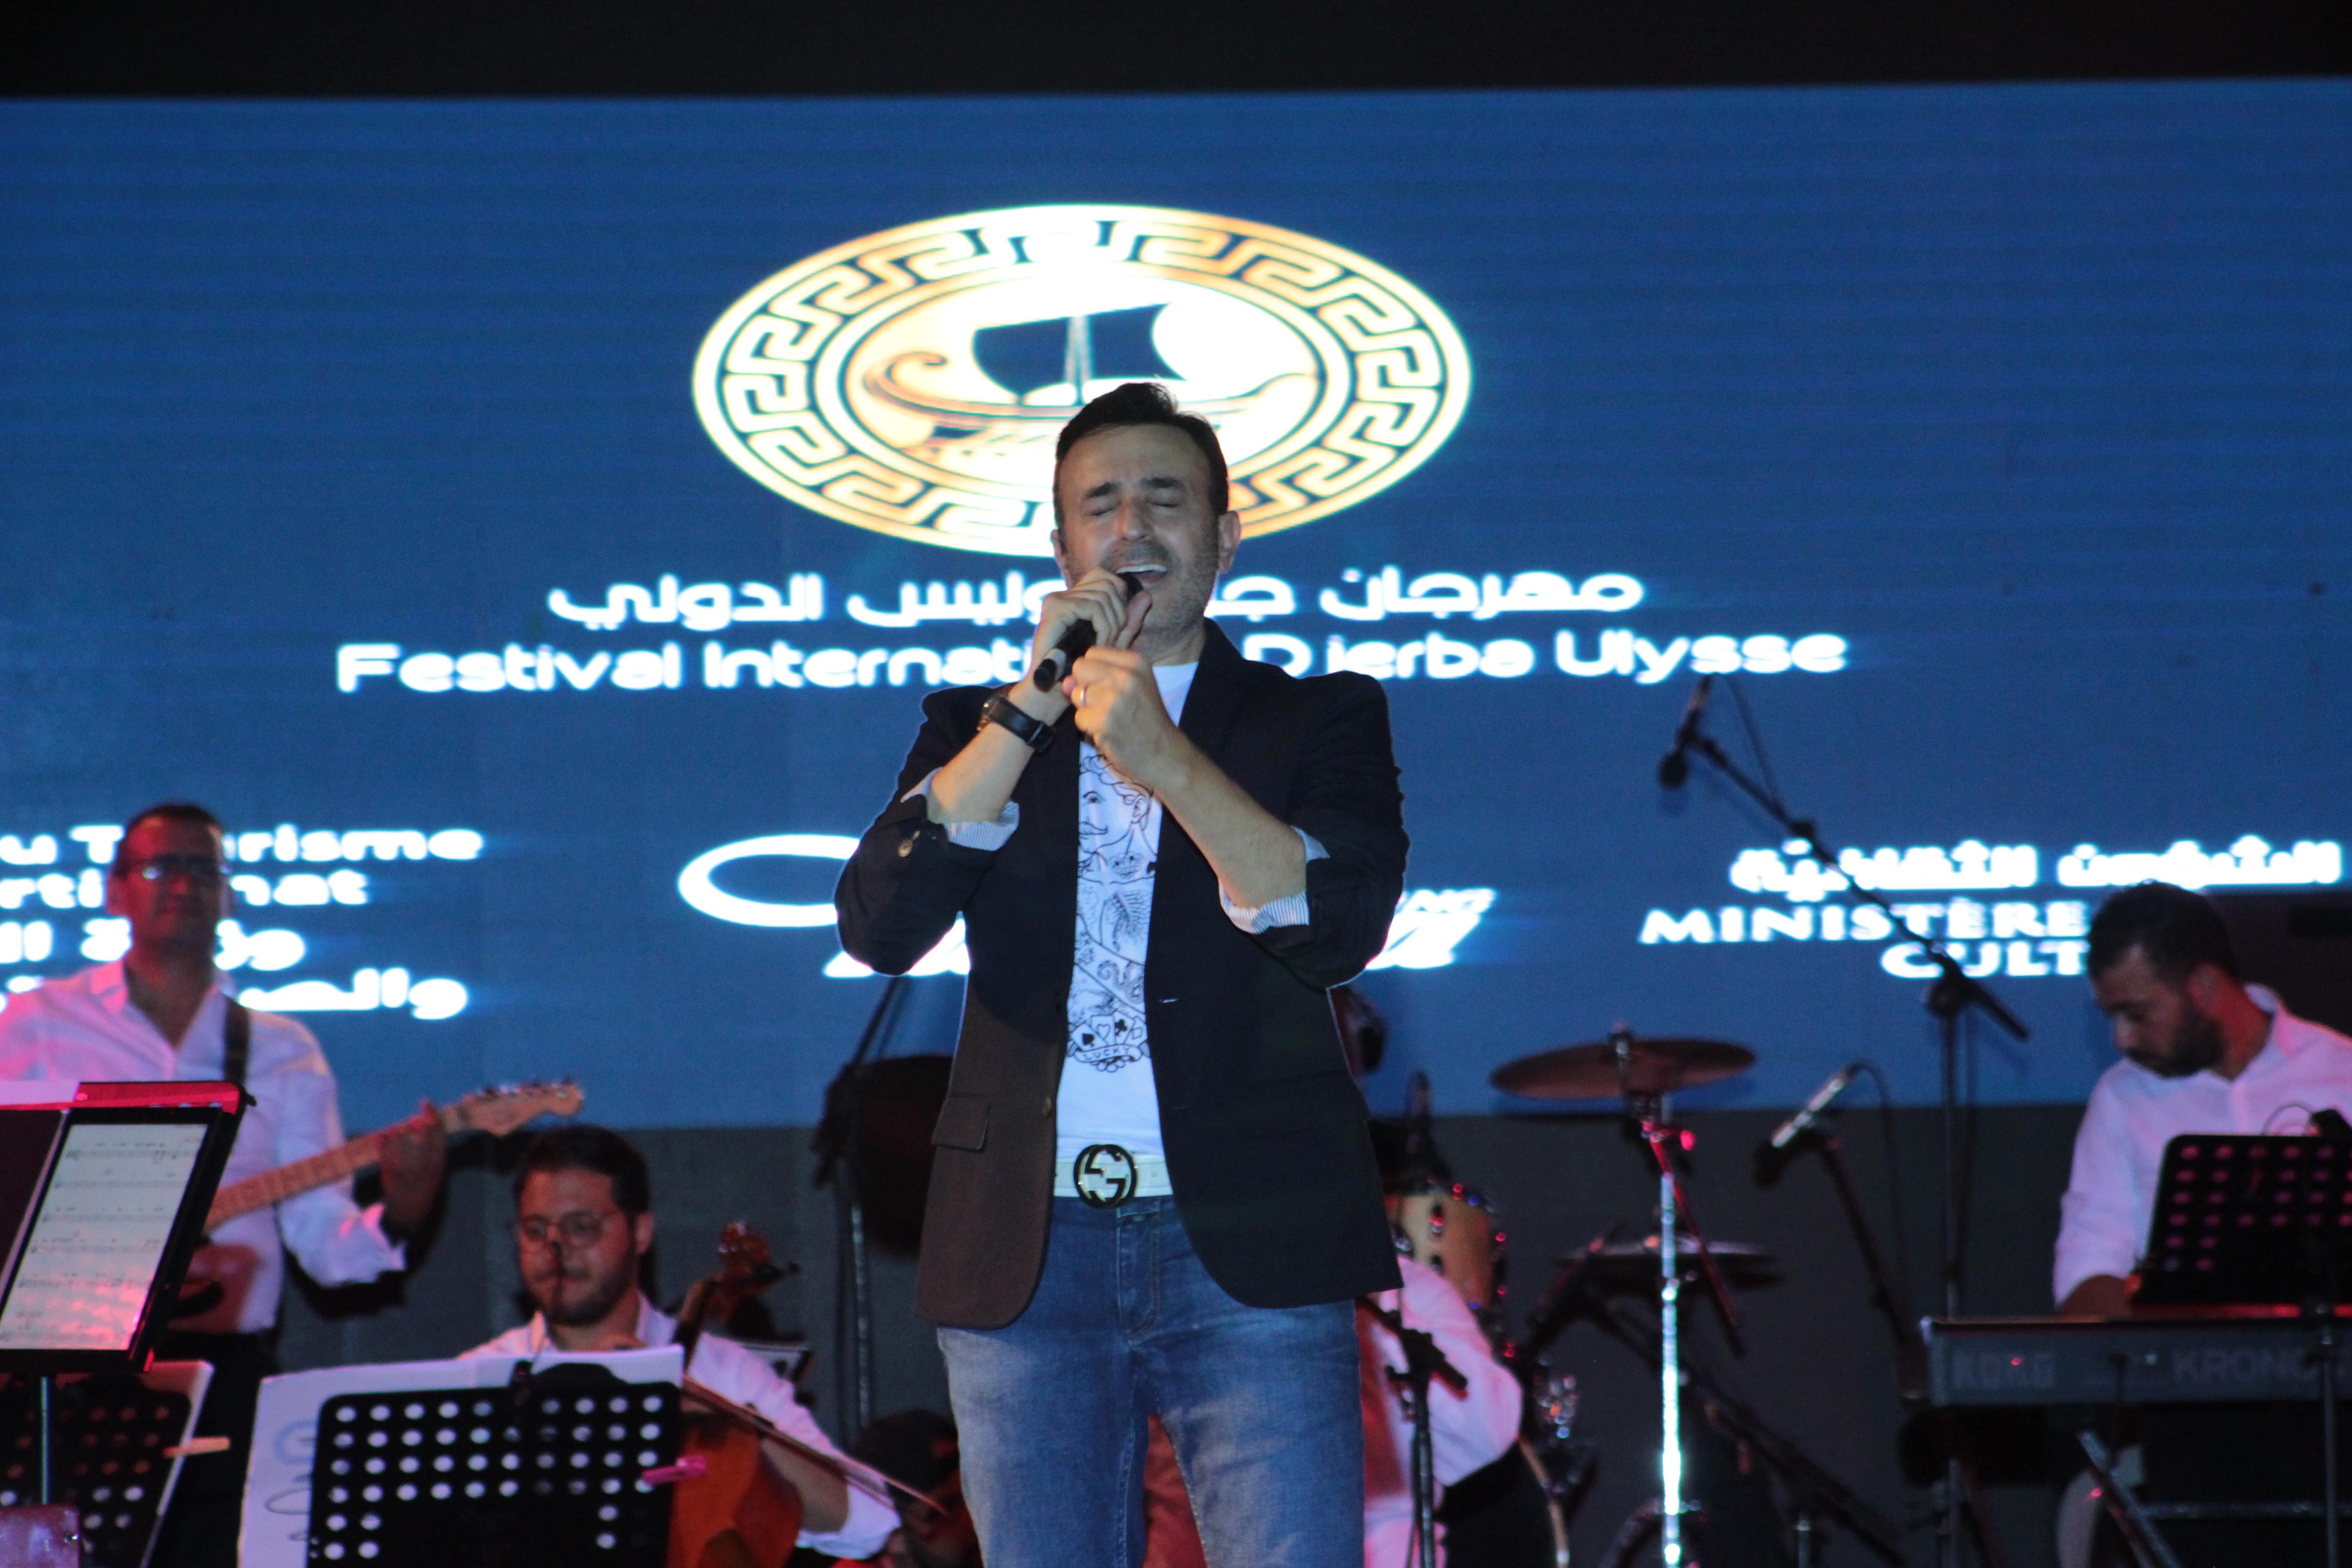 أمير الطرب صابر الرباعي يتألق في مهرجان جربة أوليس: